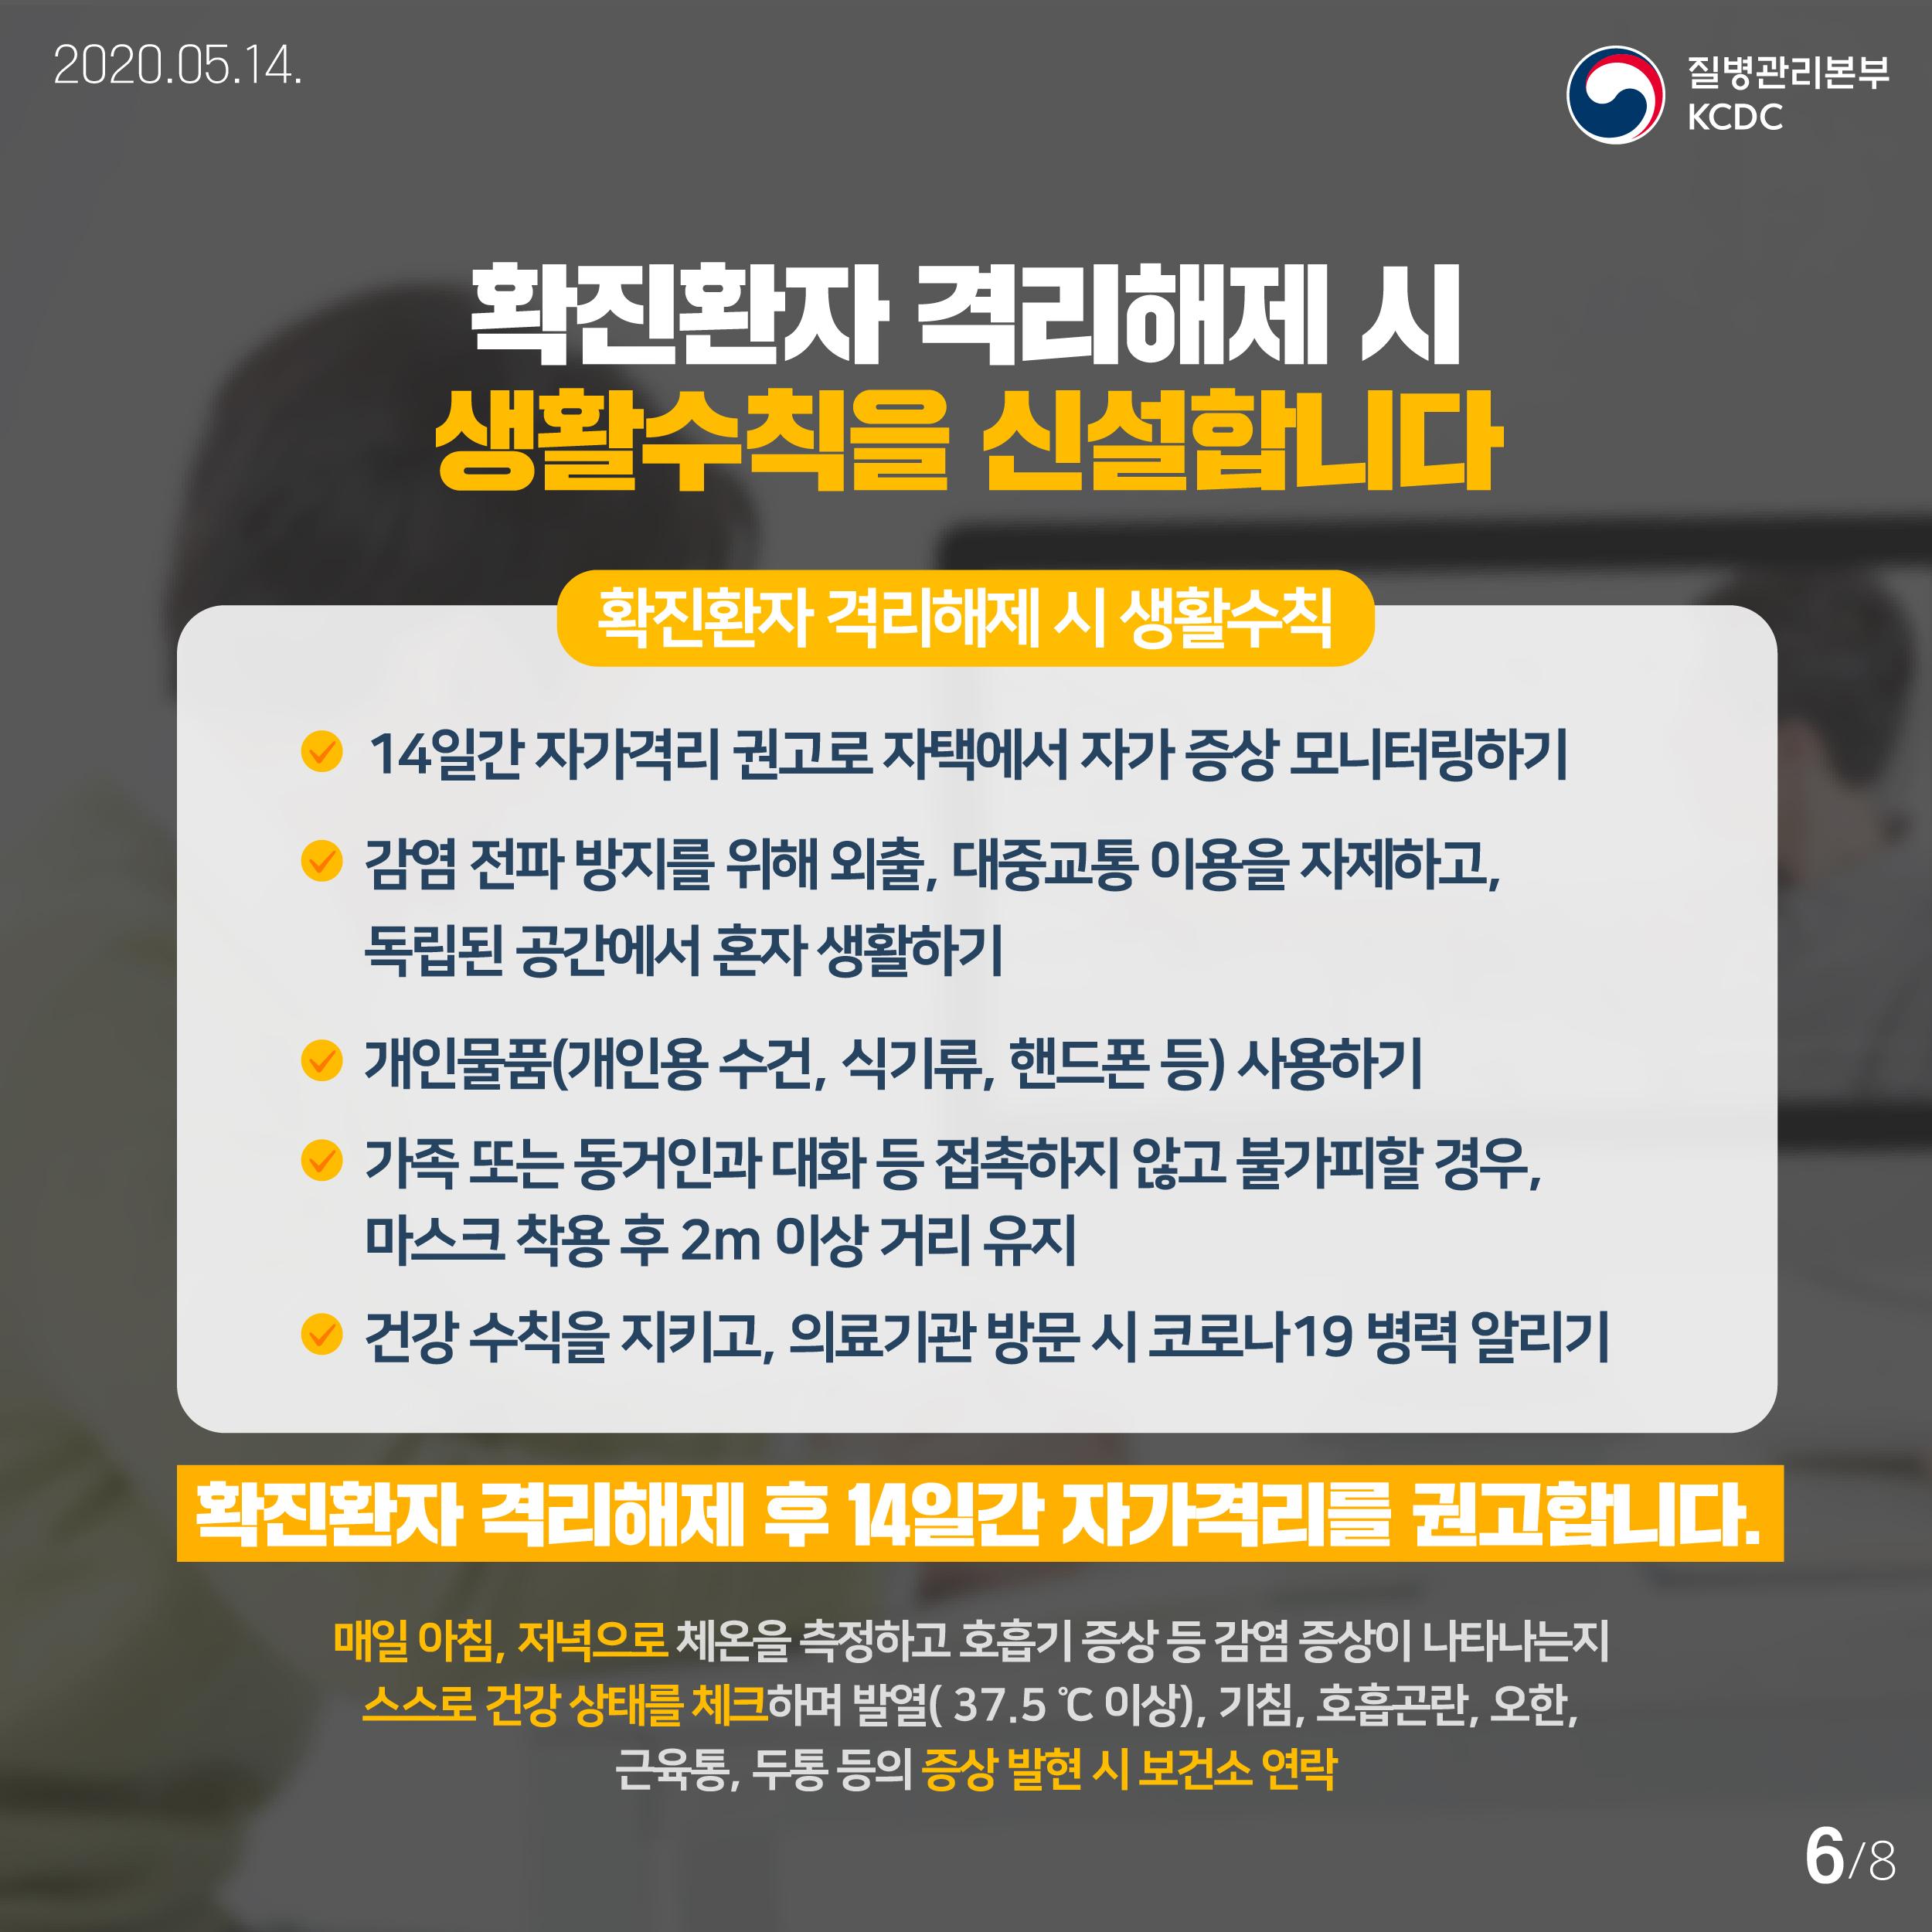 20200514_KCDC_사례정의8판_카드뉴스_6.jpg